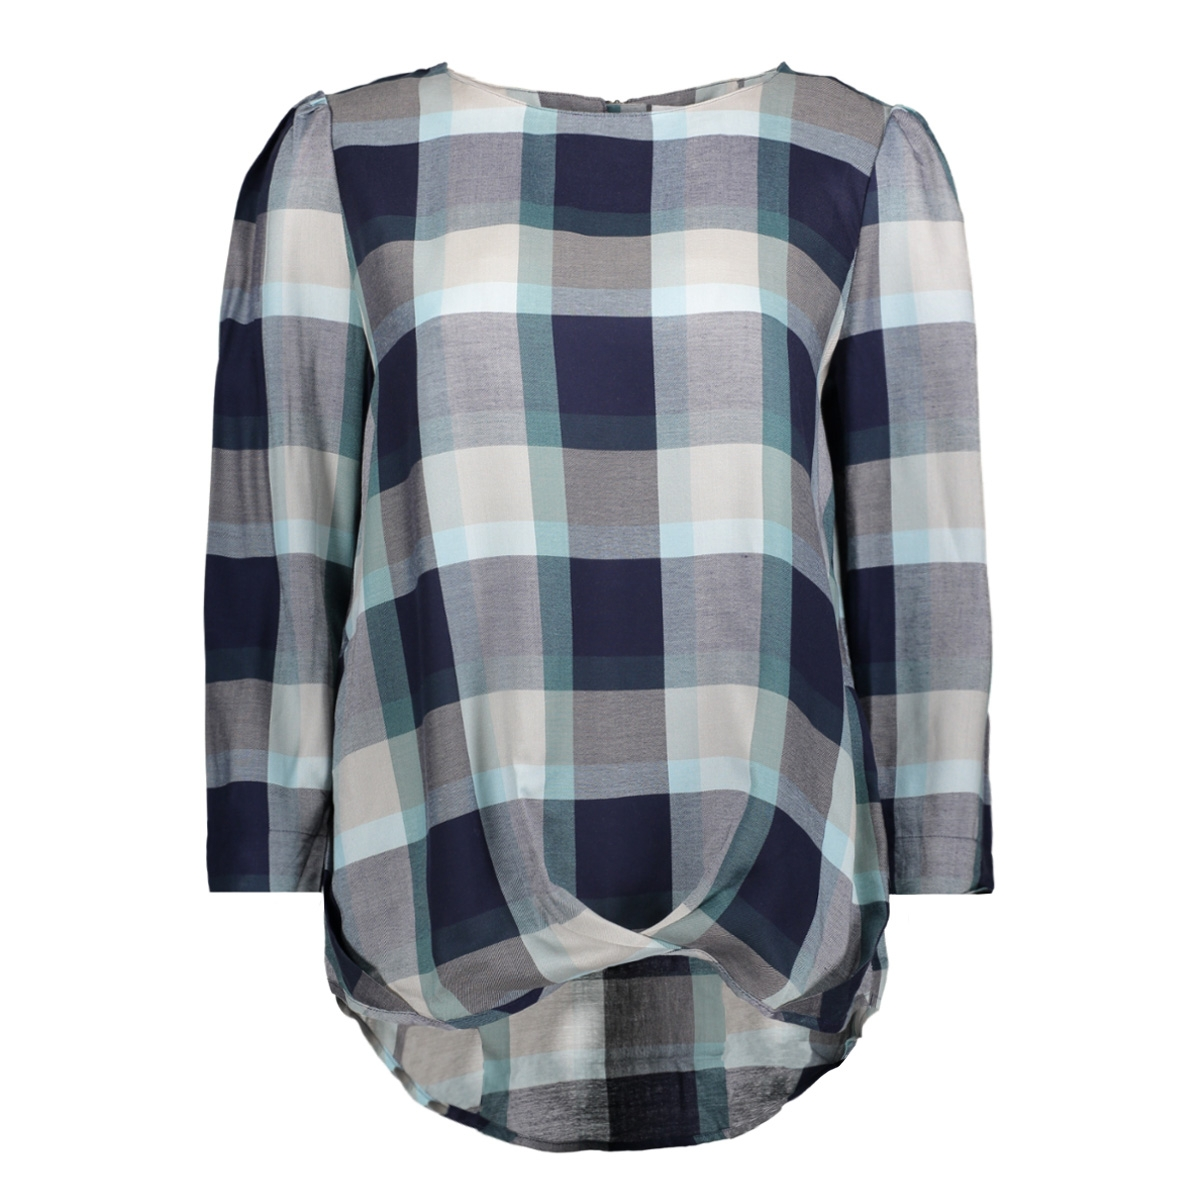 107cc1f020 edc blouse c370